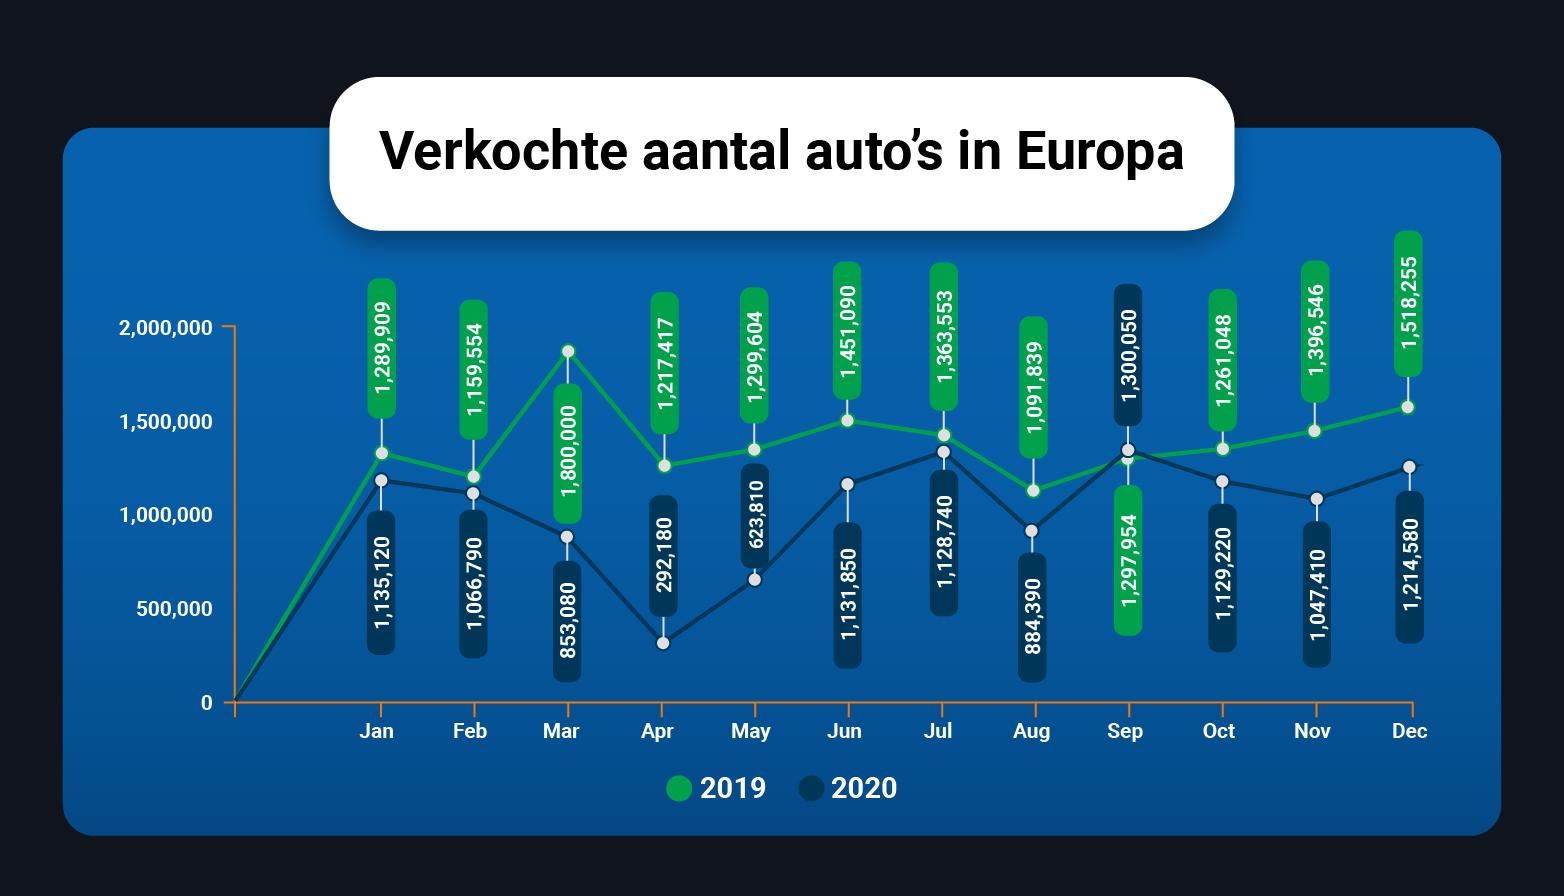 Grafiek verkochte aantal auto's in Europa in 2020